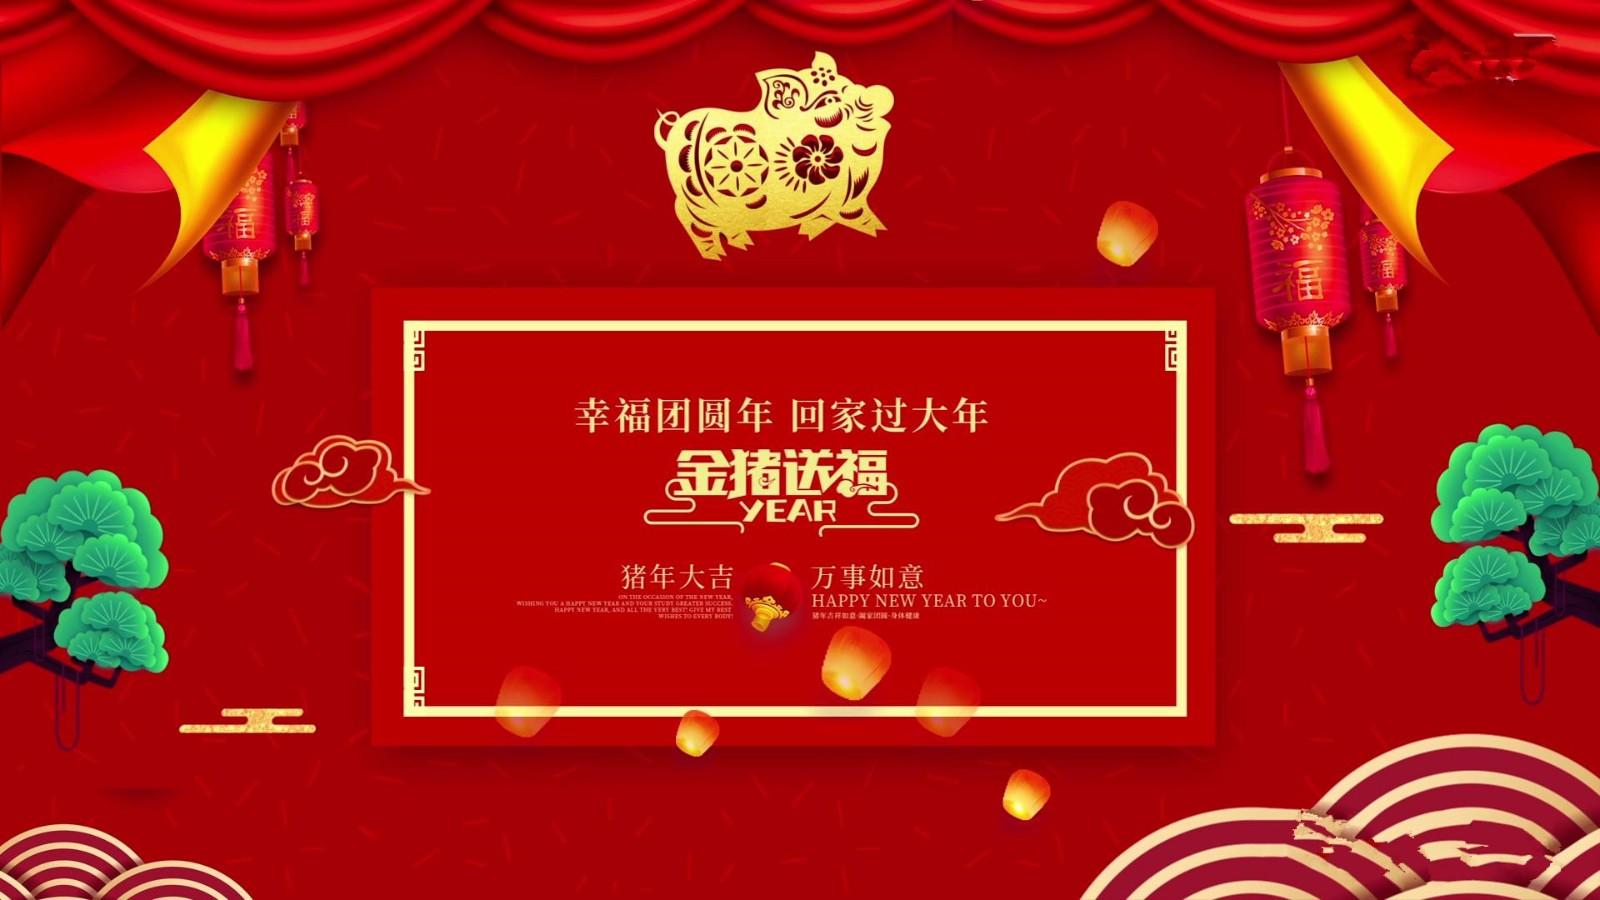 2019新年金猪送福红色喜庆灯笼片头动画模板图片